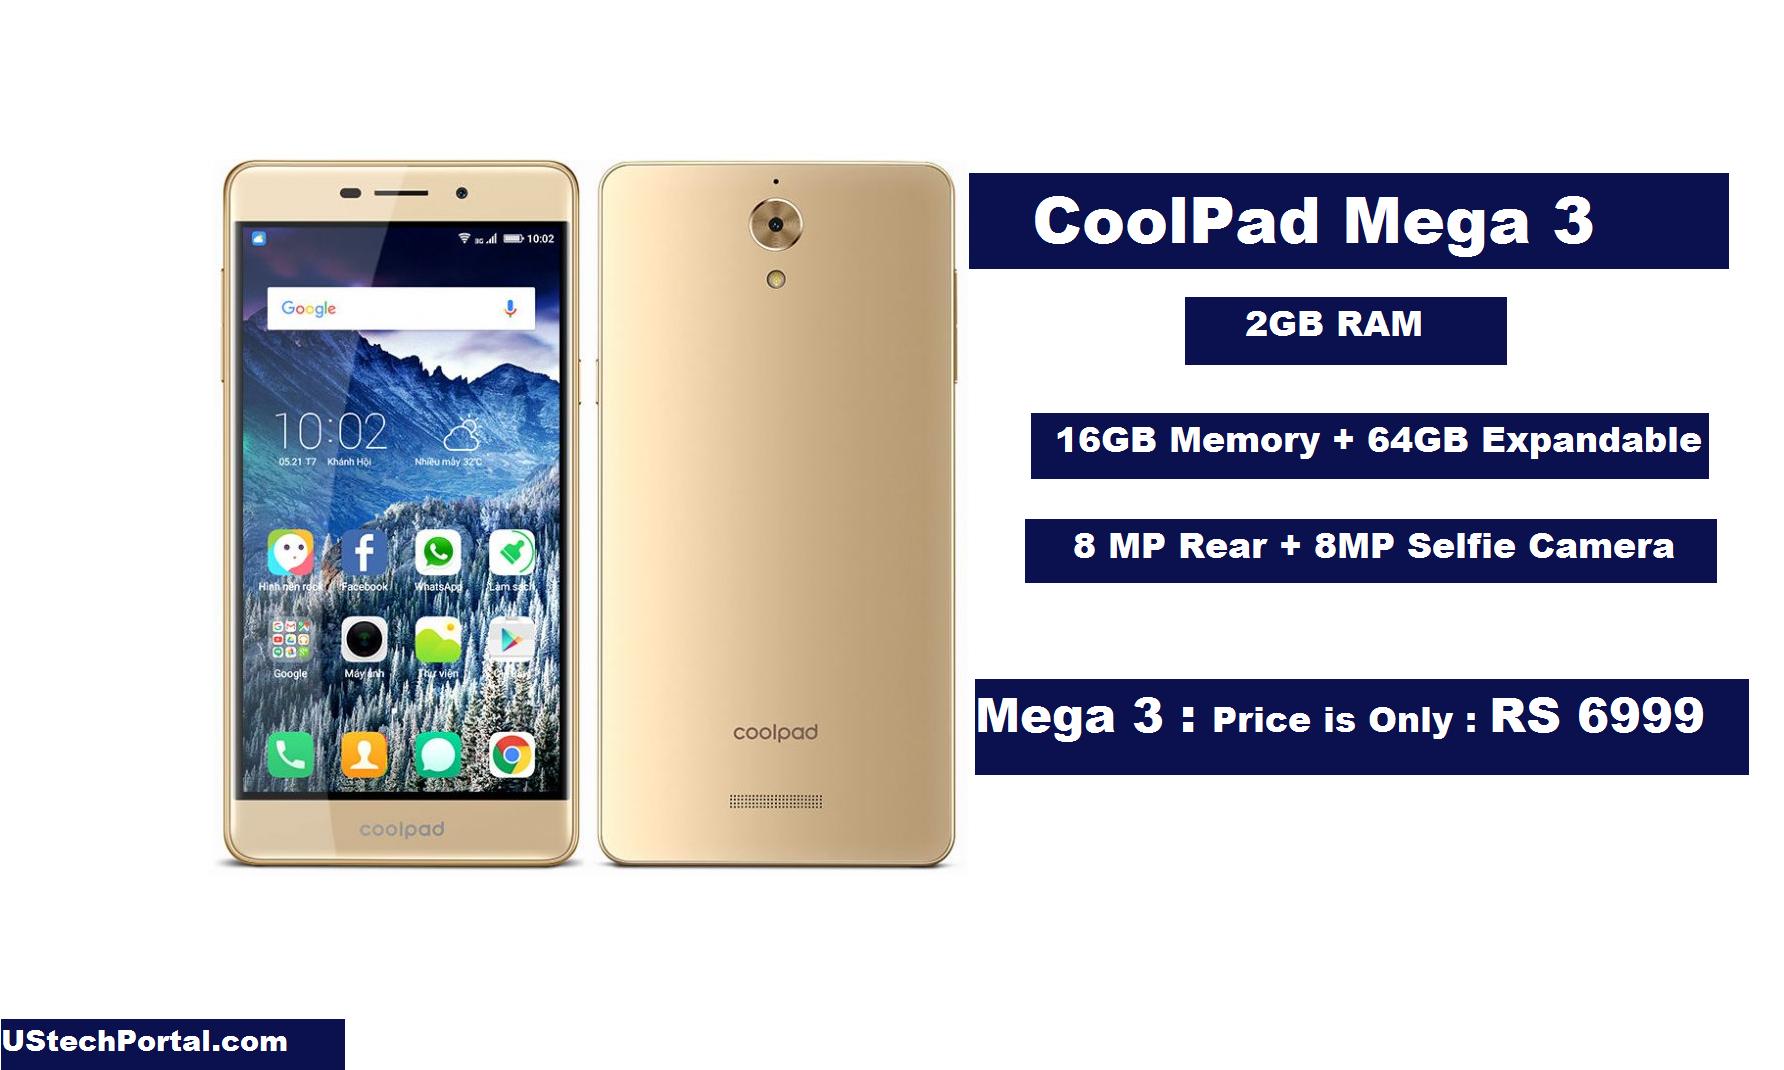 Coolpad Mega 3 Review-Price